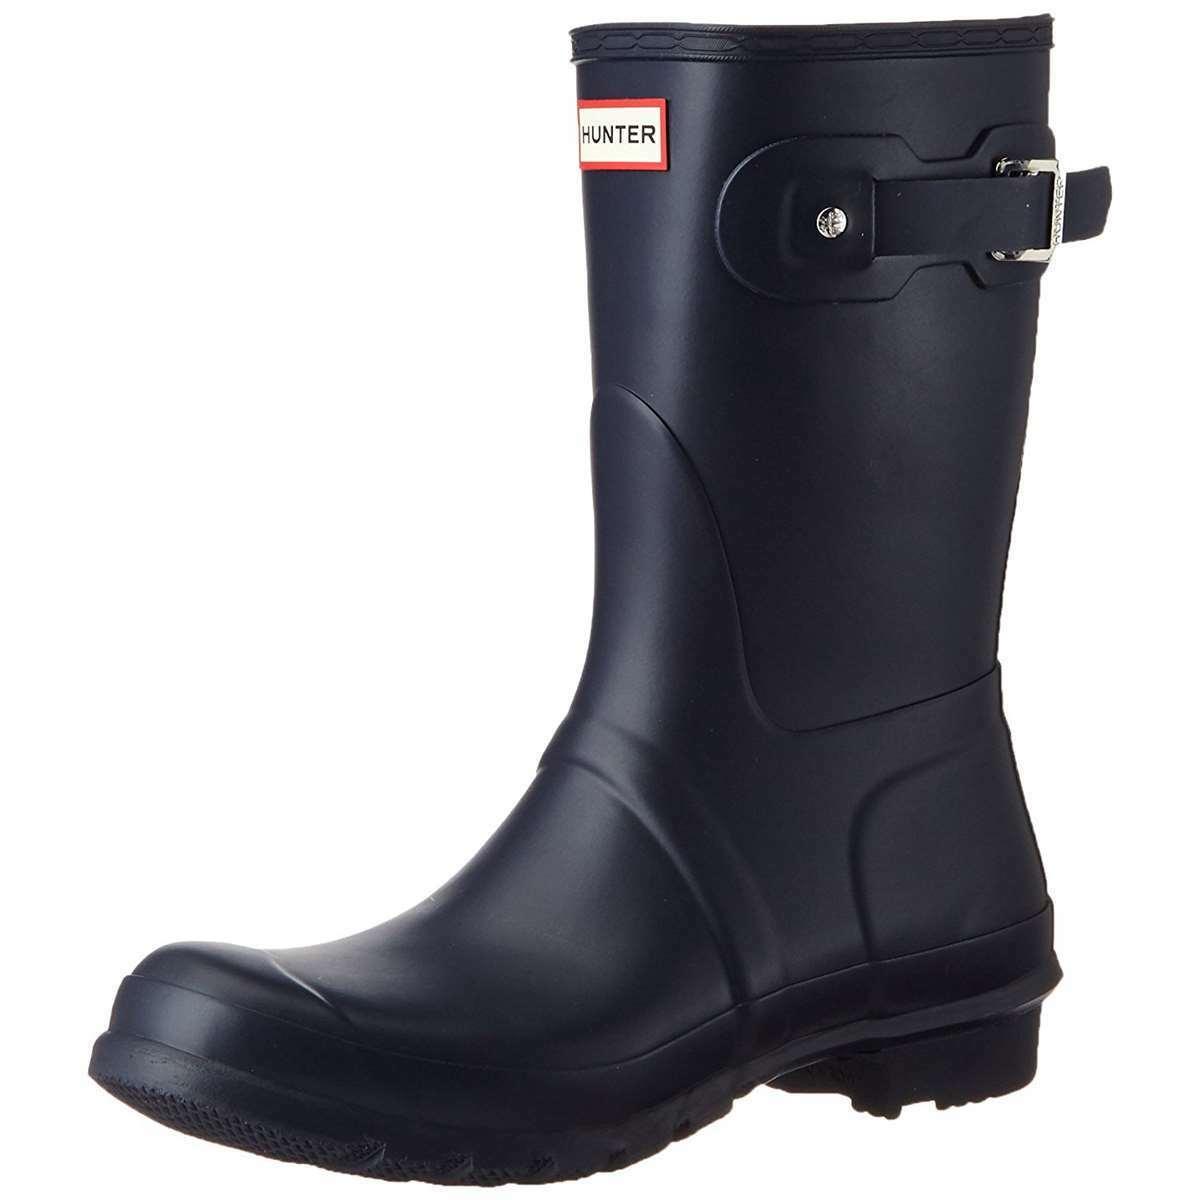 marchio famoso Hunter Hunter Hunter donna stivali Original Short Rain avvio Navy  ti renderà soddisfatto